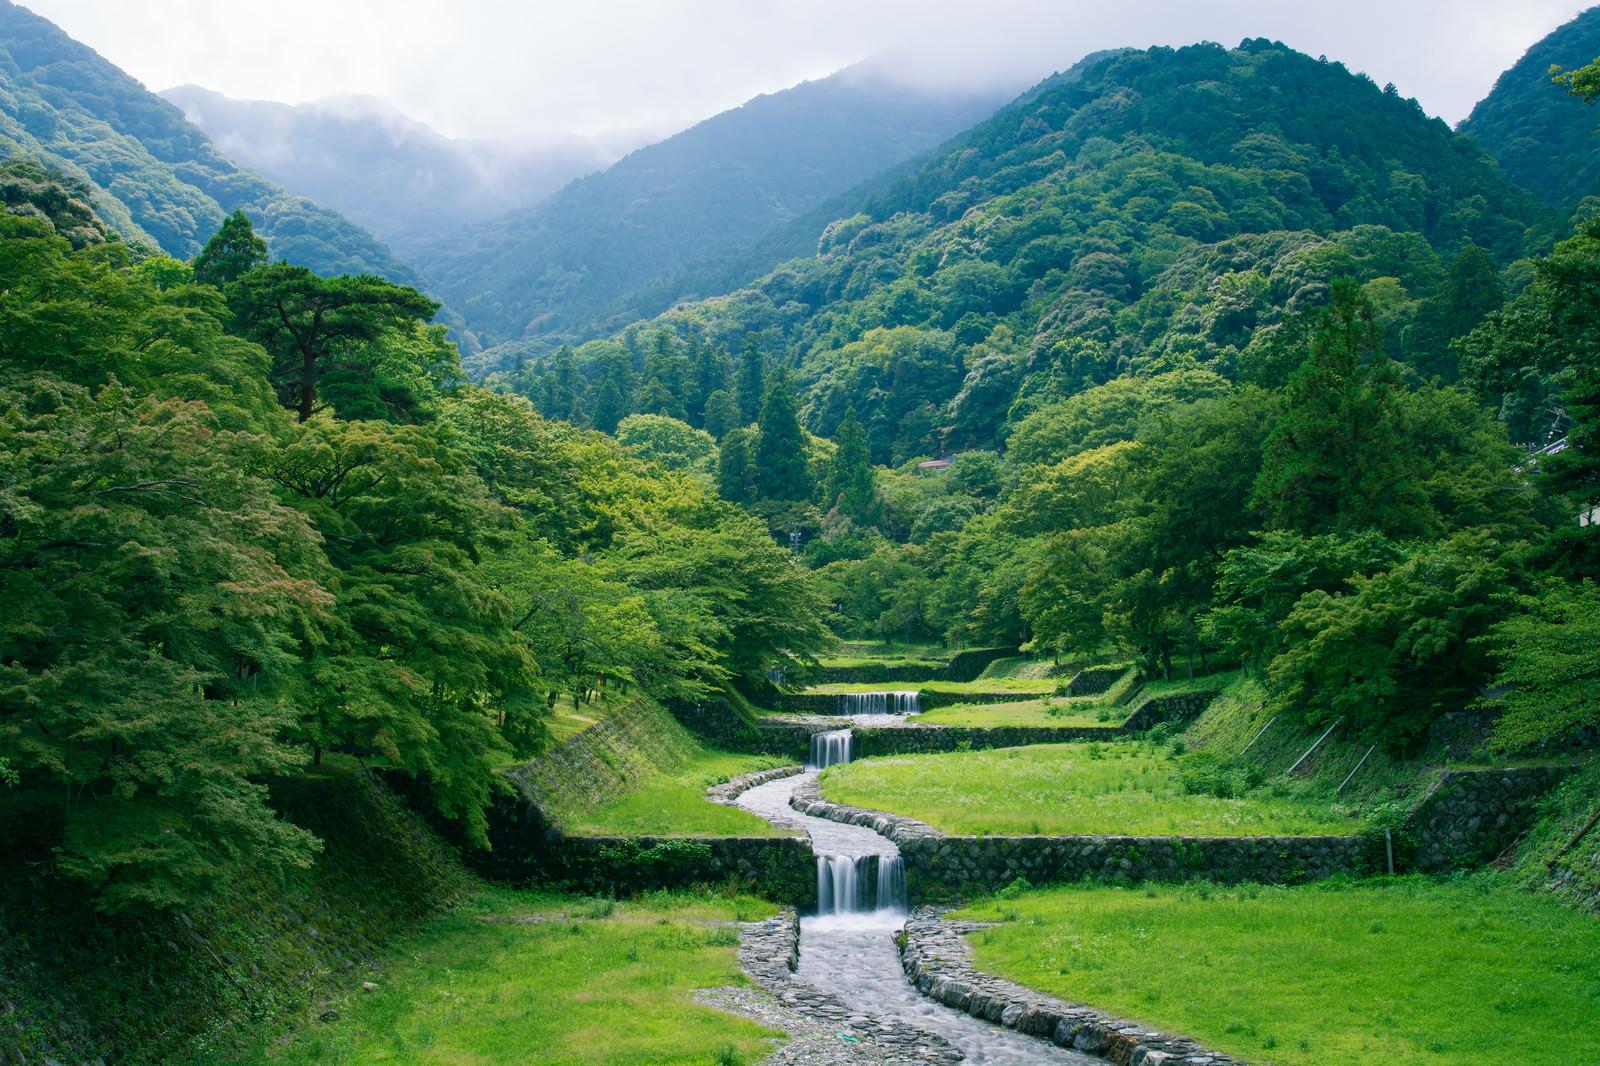 「新緑の森から段々に流れる小川」の写真